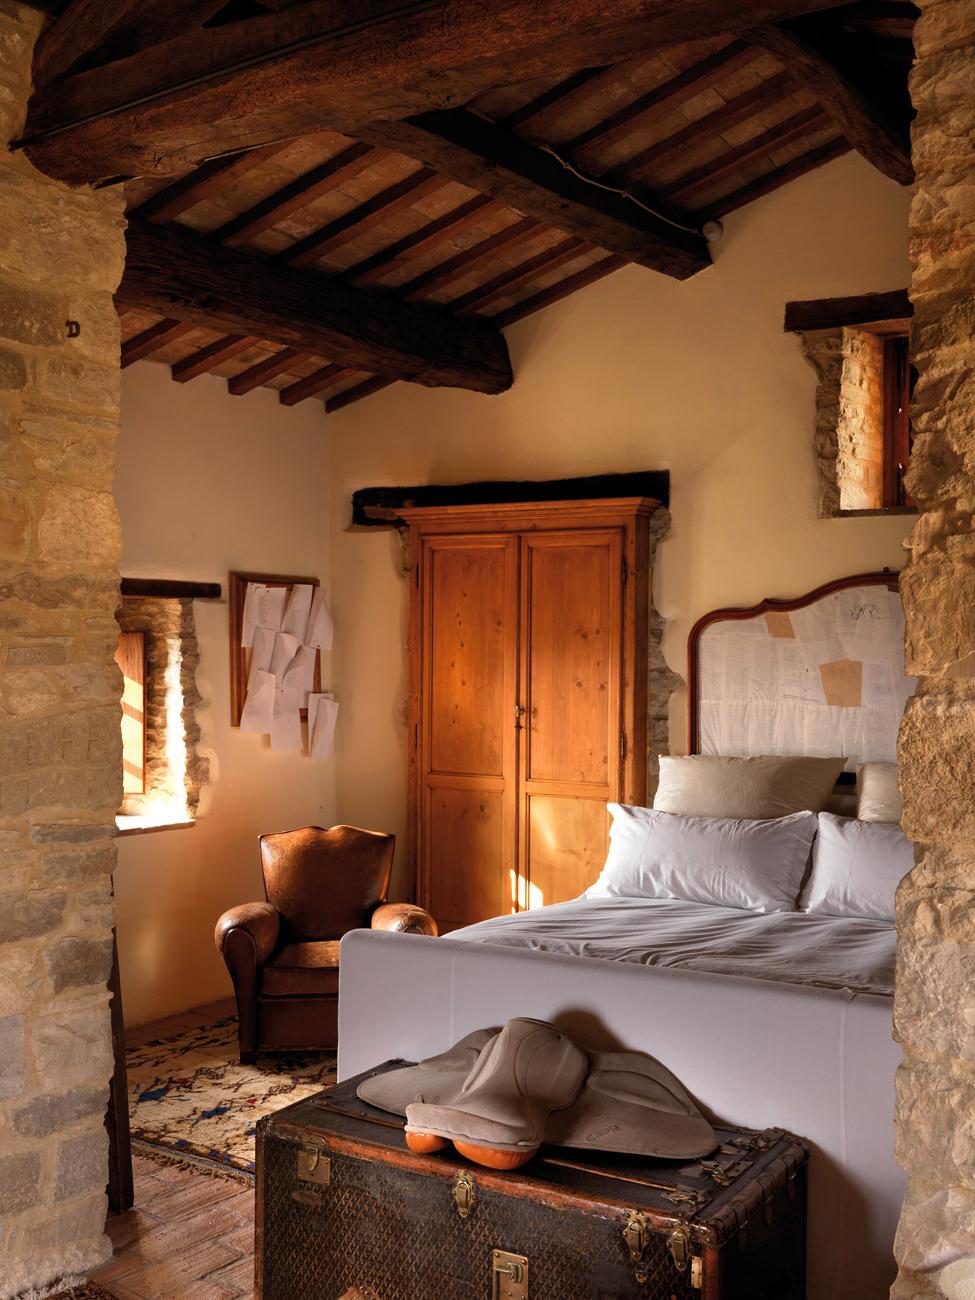 Estilo rustico dormitorios rusticos - Dormitorios rusticos ...